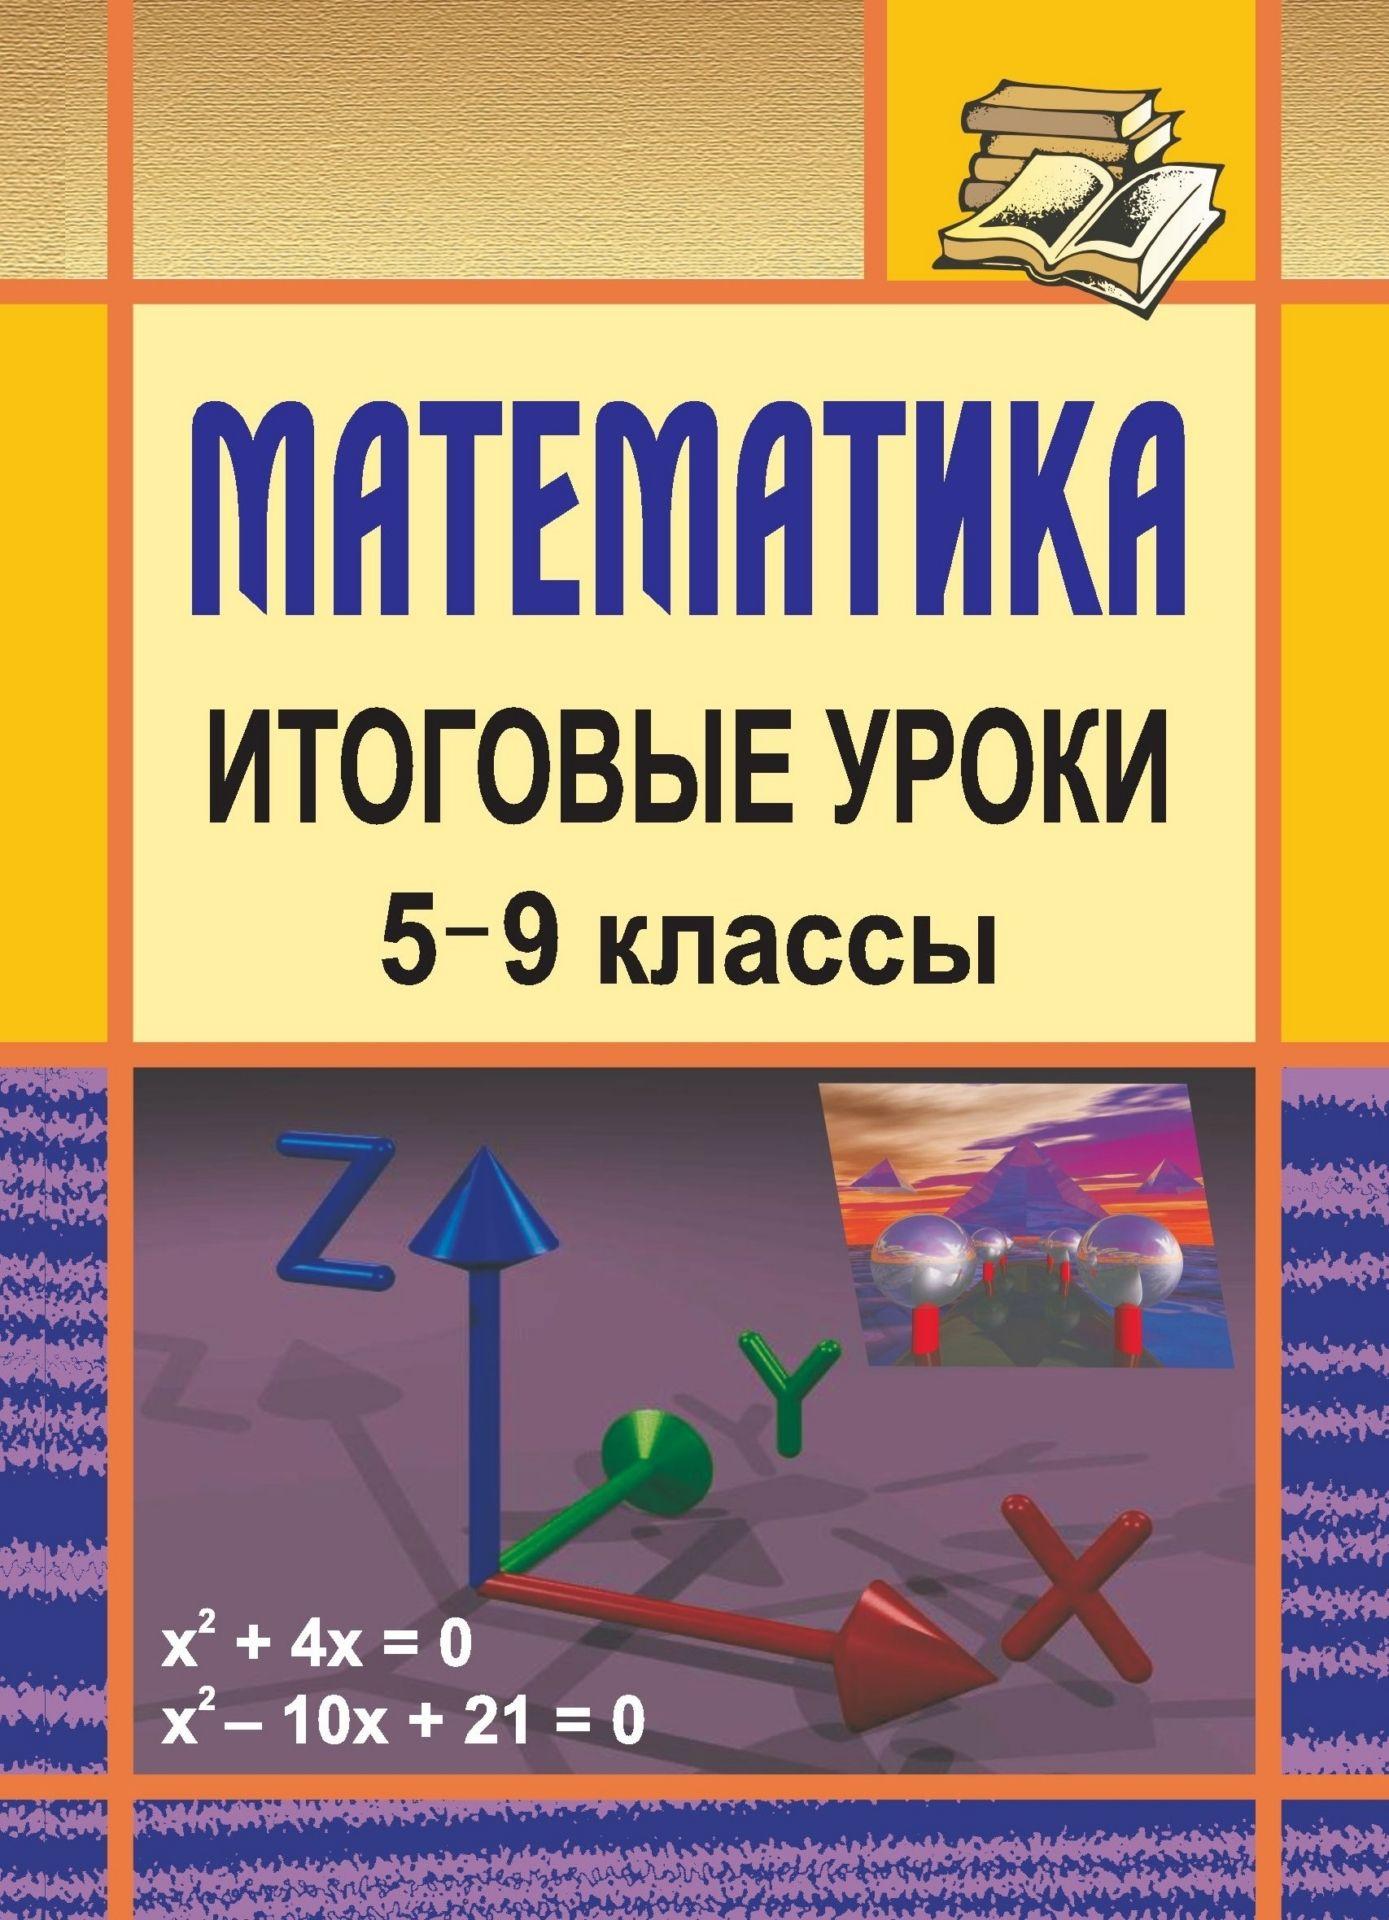 Математика. Итоговые уроки. 5-9 классыПредметы<br>В пособии представлены итоговые уроки по математике (урок-деловая игра, интегрированные уроки-зачеты) в 5-9 классах по отдельным темам: Натуральные числа, Обыкновенные дроби и др. Материалы пособия могут быть использованы в работе с любым действующим ...<br><br>Авторы: Бощенко О. В.<br>Год: 2008<br>Серия: В помощь преподавателю<br>ISBN: 978-5-7057-1581-7<br>Высота: 195<br>Ширина: 140<br>Толщина: 3